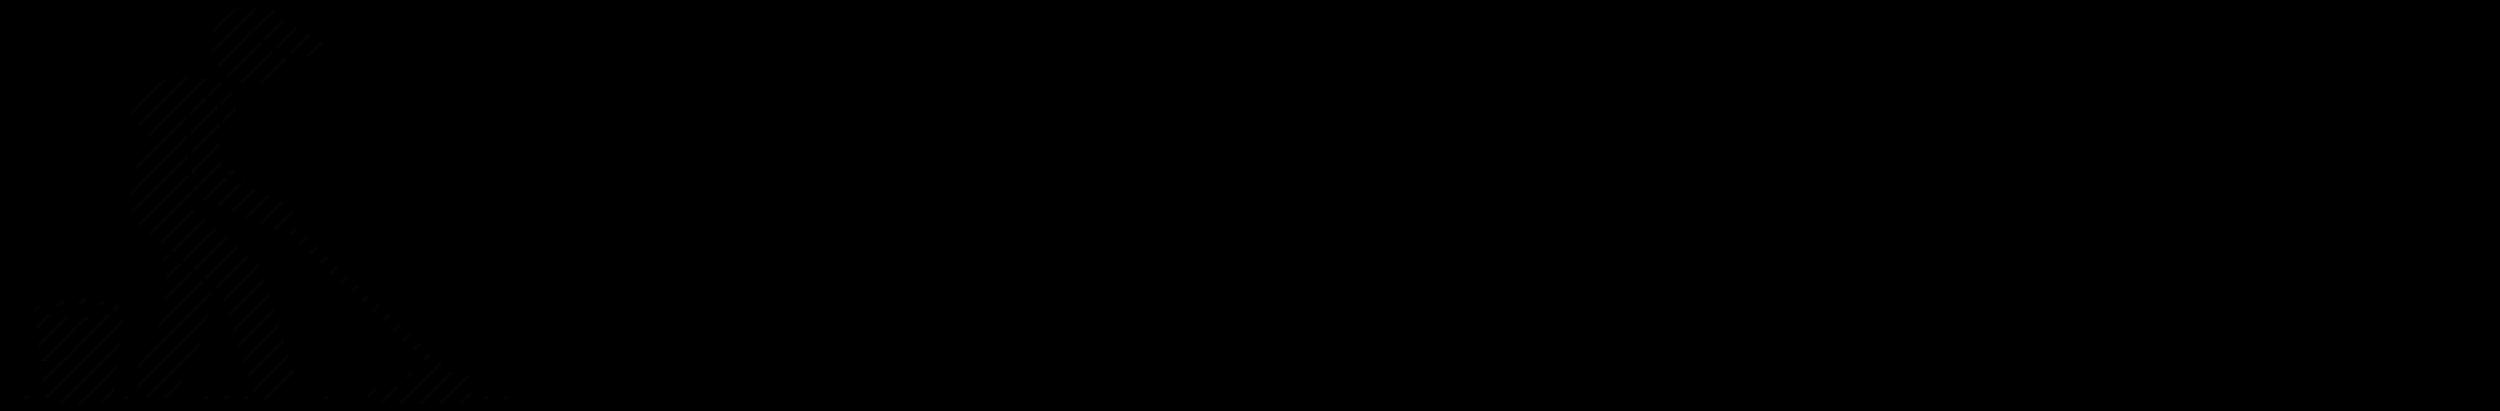 ✅Czyszczenie posadzek Katowice ✅ betonowych, ✅mycie garaży, ✅mycie podłóg, ✅cennik, maszynowe, ✅ doczyszczanie,Śląsk, Katowice, Sosnowiec, Tychy, Mikołów, ✅czyszczenie hal przemysłowych śląsk